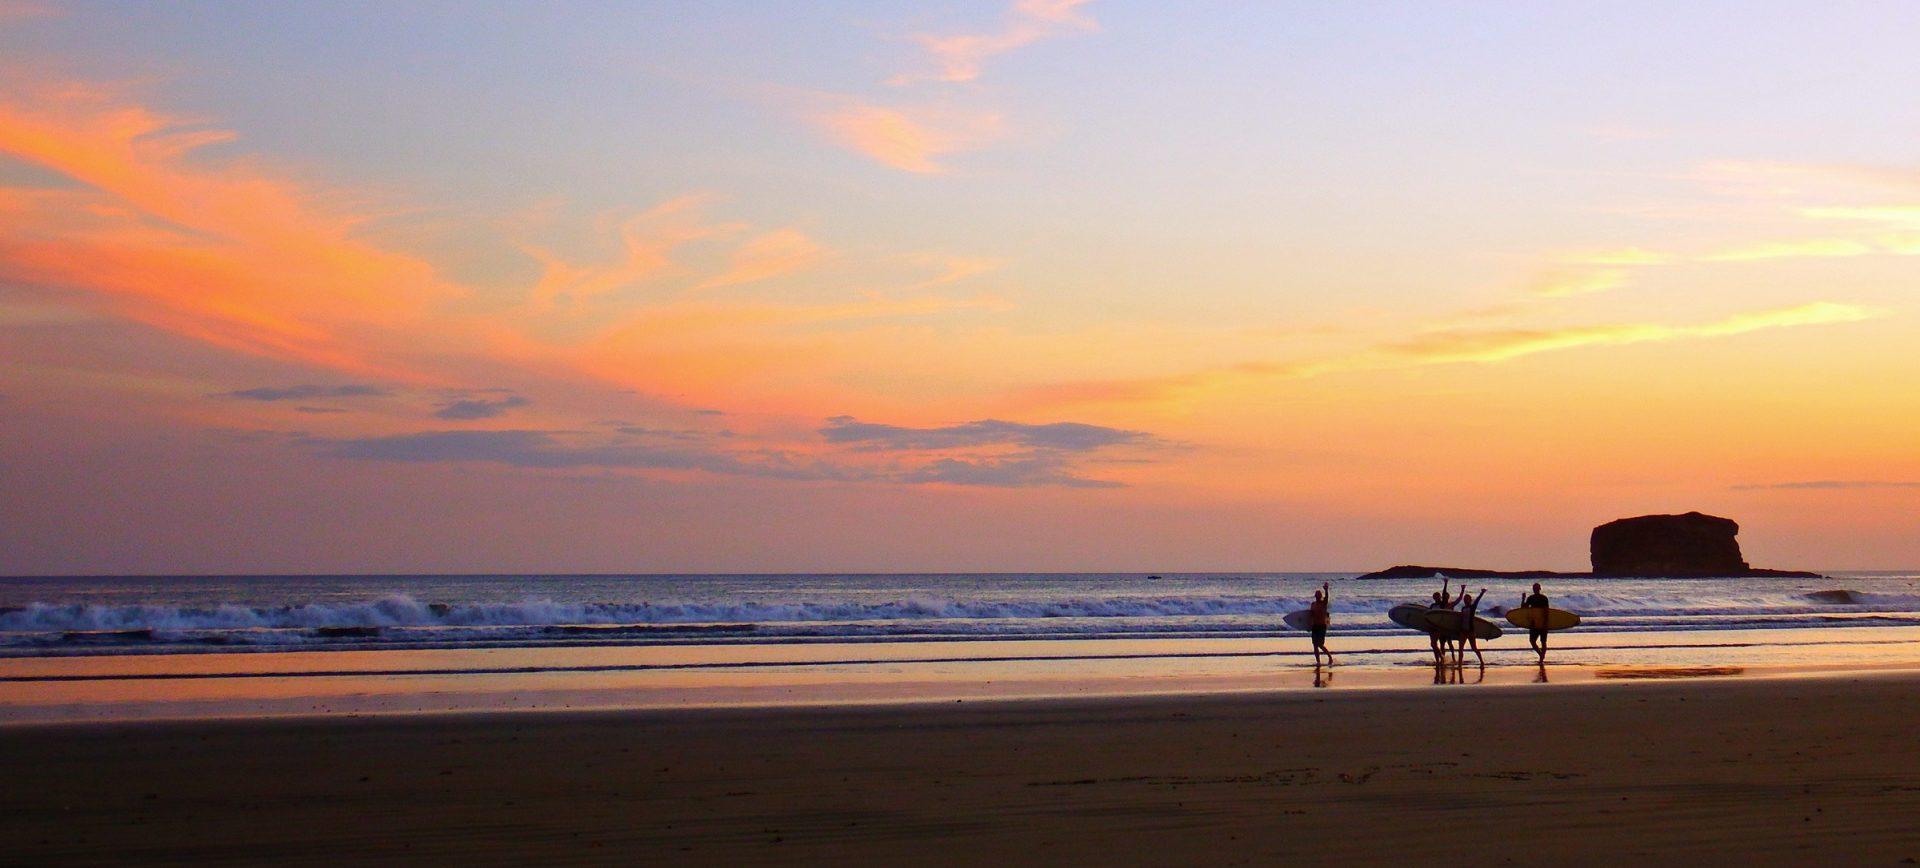 Nica Sunset Surf